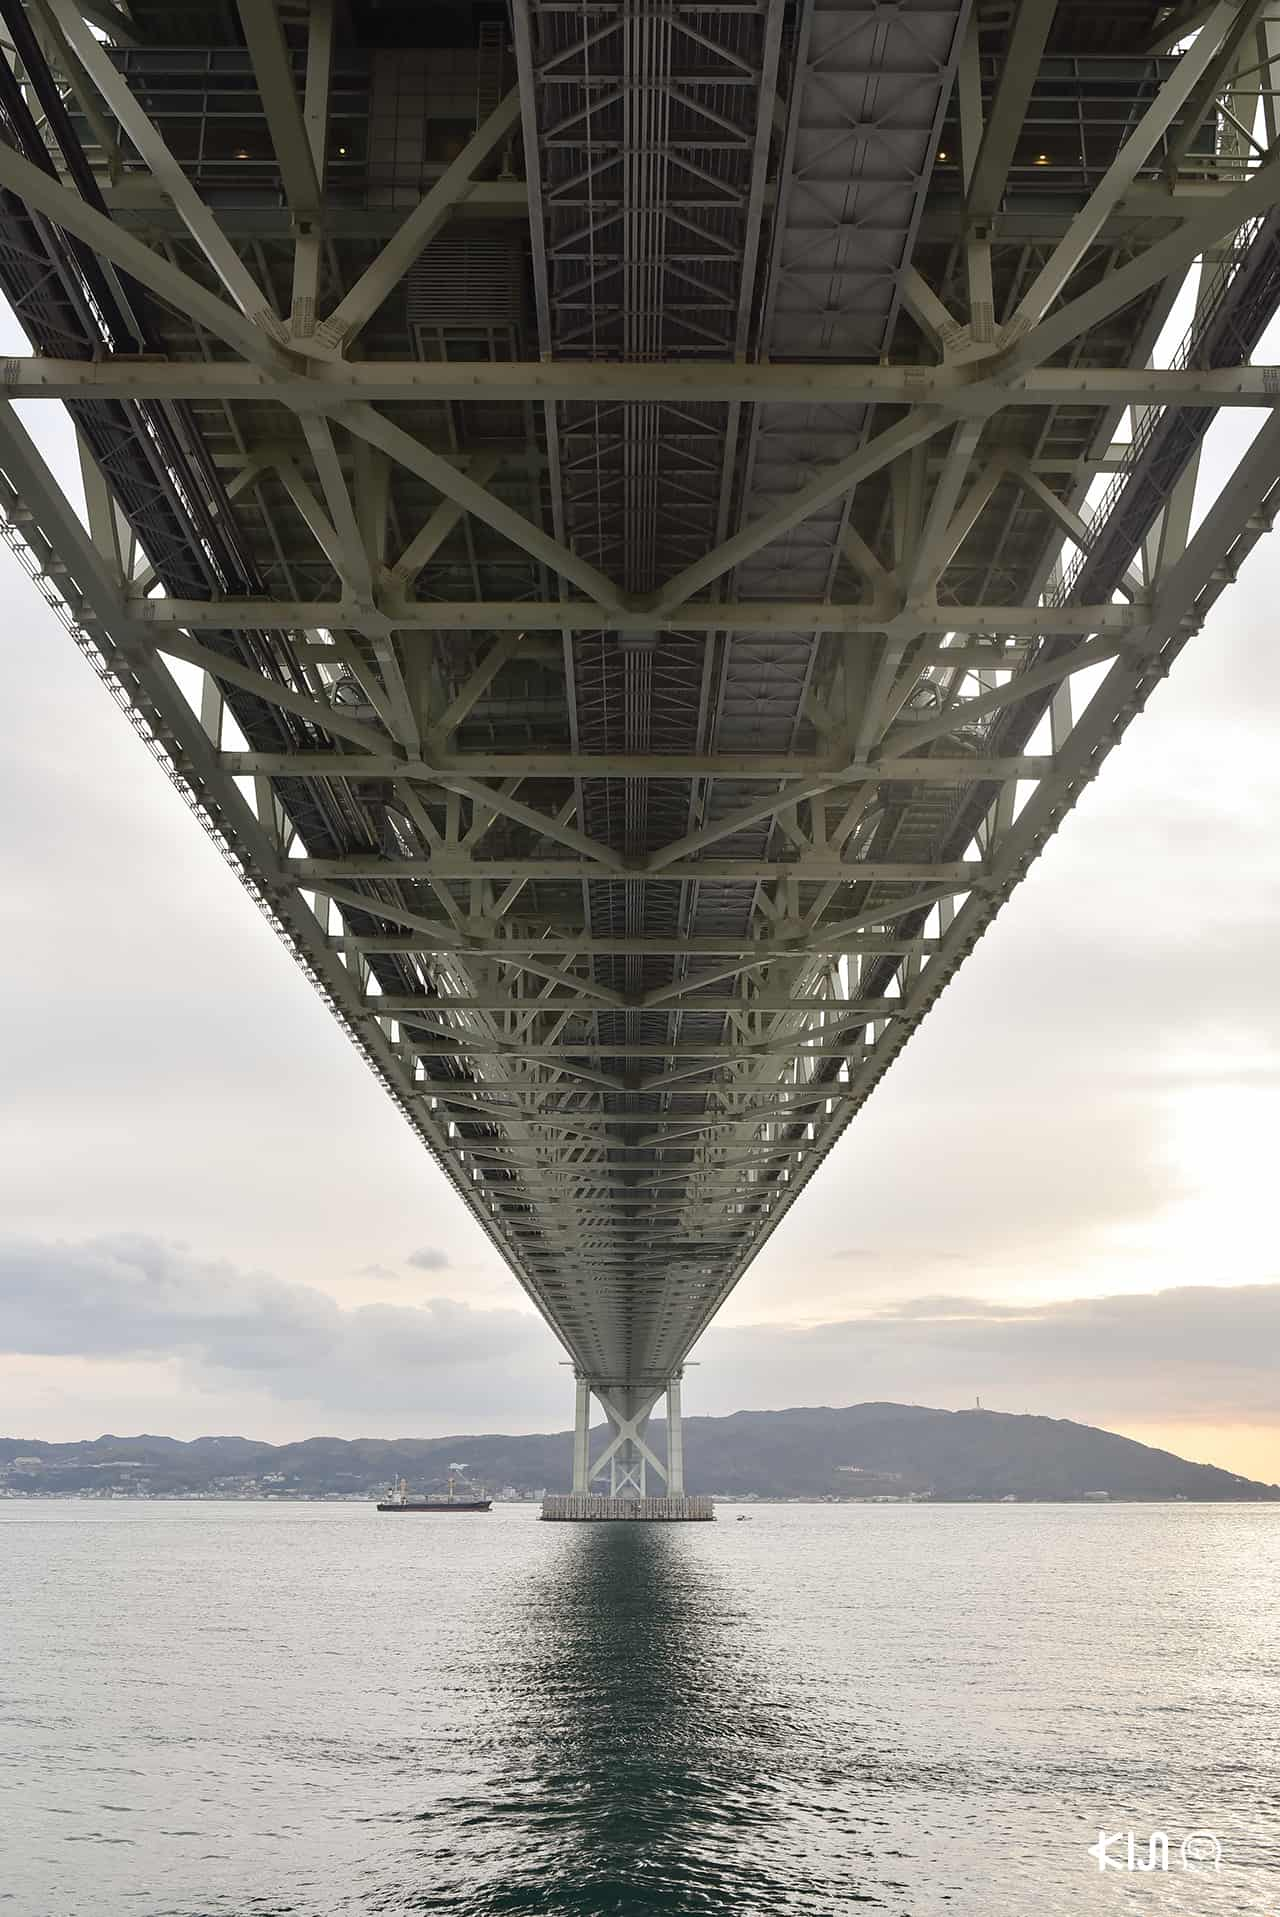 Akashi Kaikyo Bridge 明石海峡大橋 เมือง อากาชิ ใกล้ๆ ระหว่างเมือง โกเบ และ ฮิเมจิ